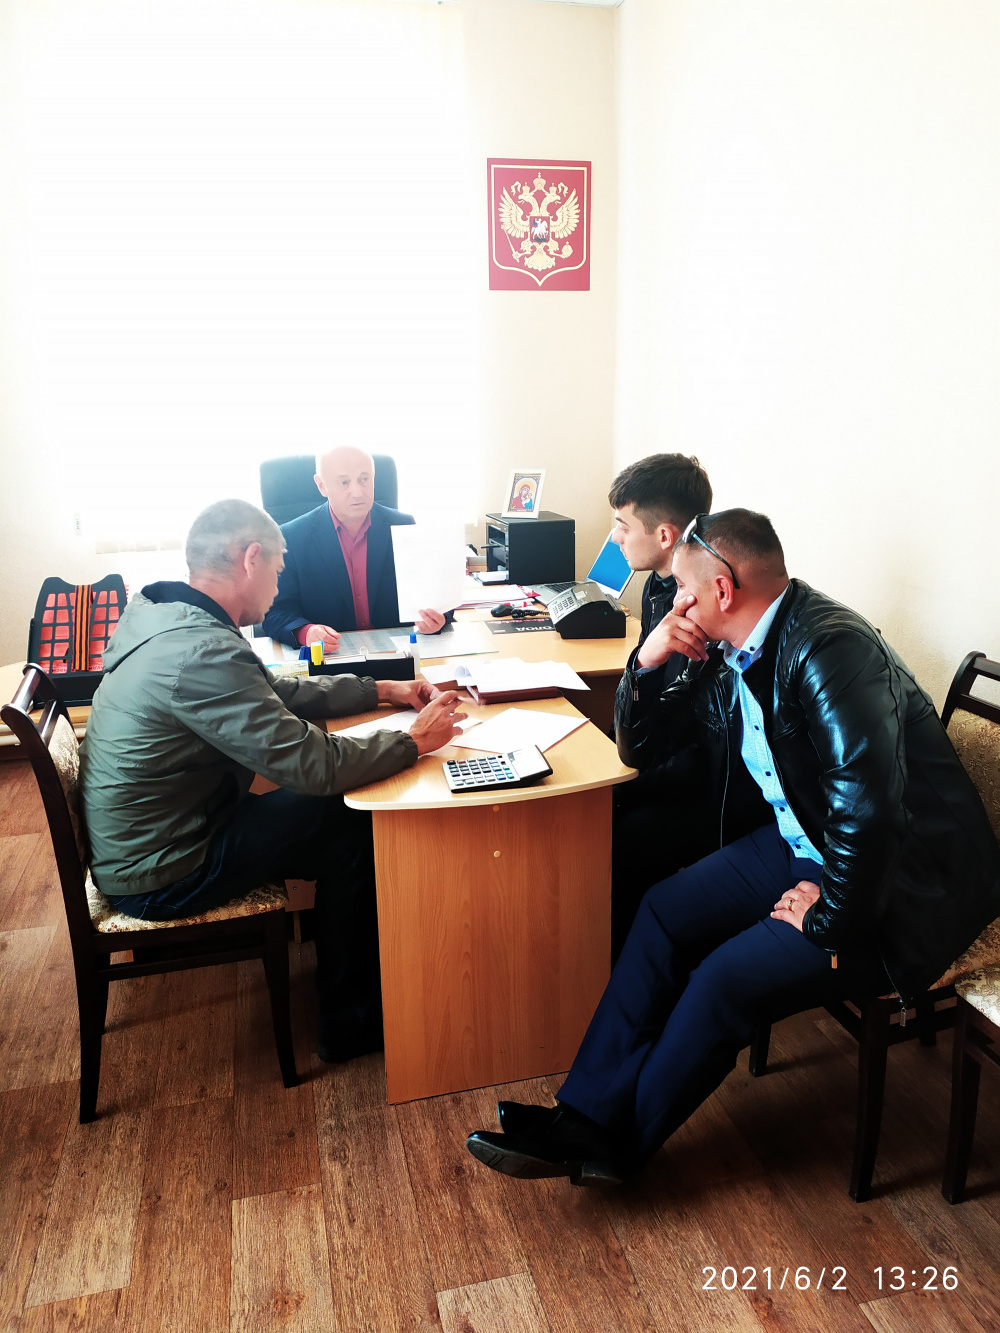 Петропавловка! Рабочее совещание по вопросу обустройства тротуарных дорожек в с. Петропавловка.